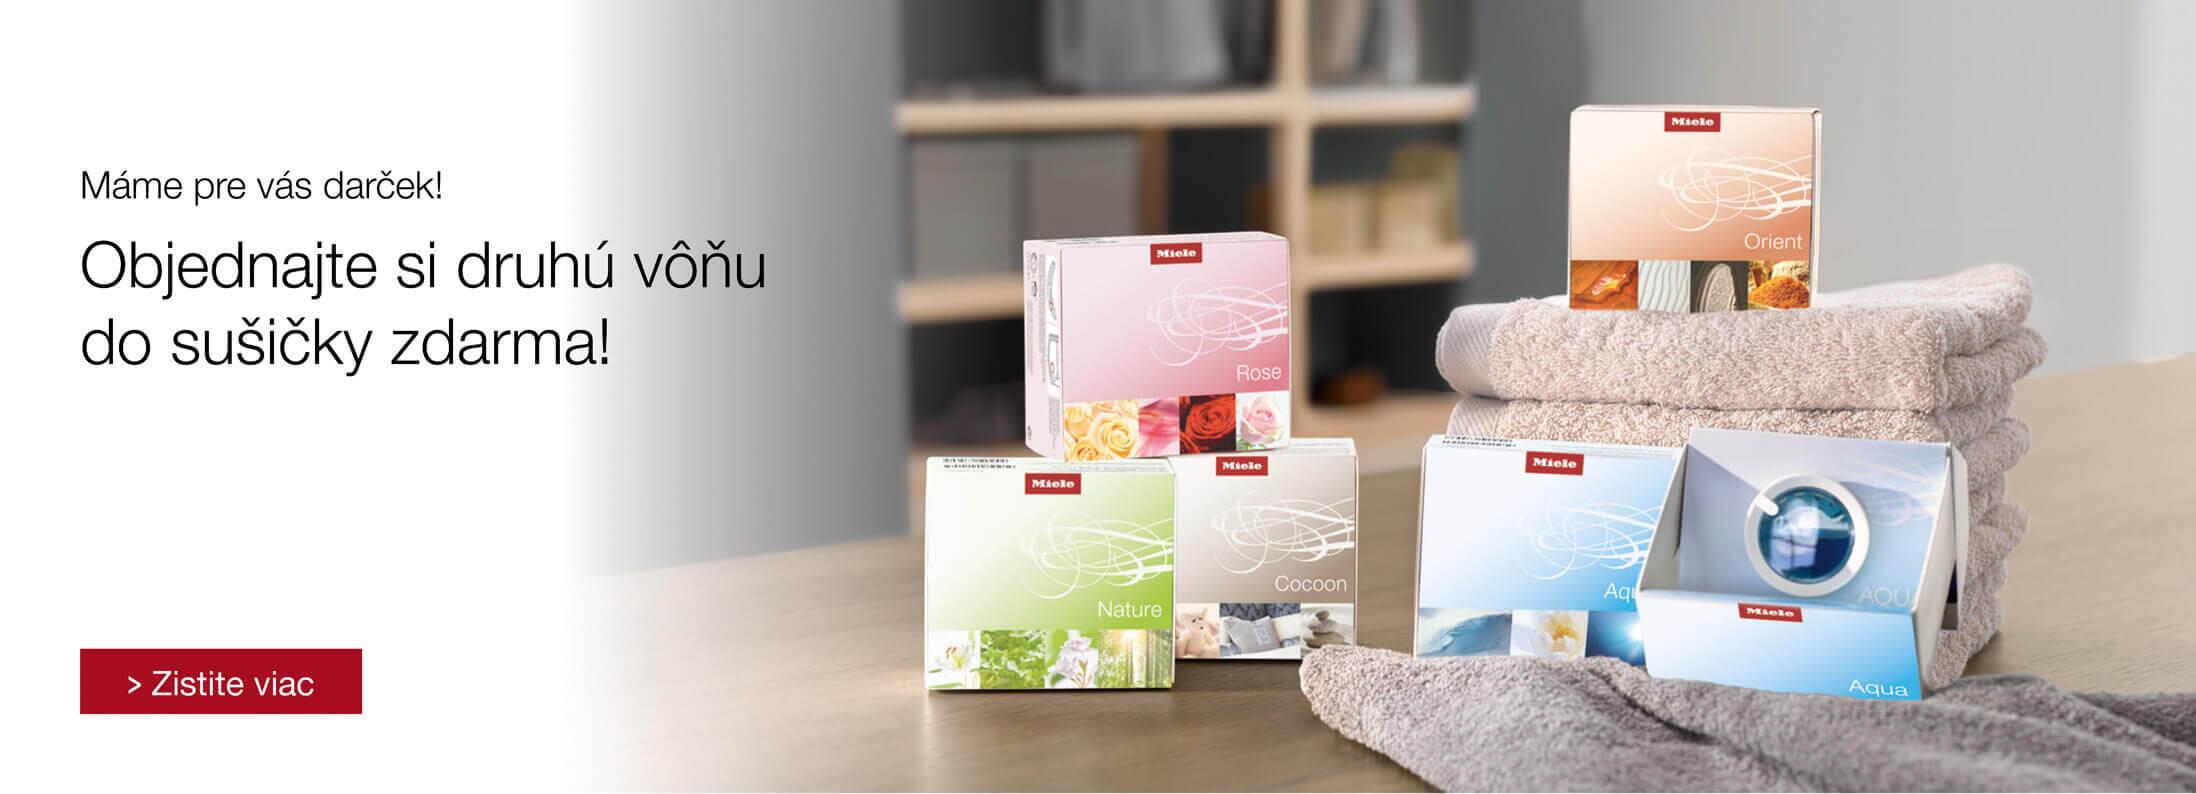 Miele - FragranceDos2 - Dokonalá sviežosť z Vašej sušičky